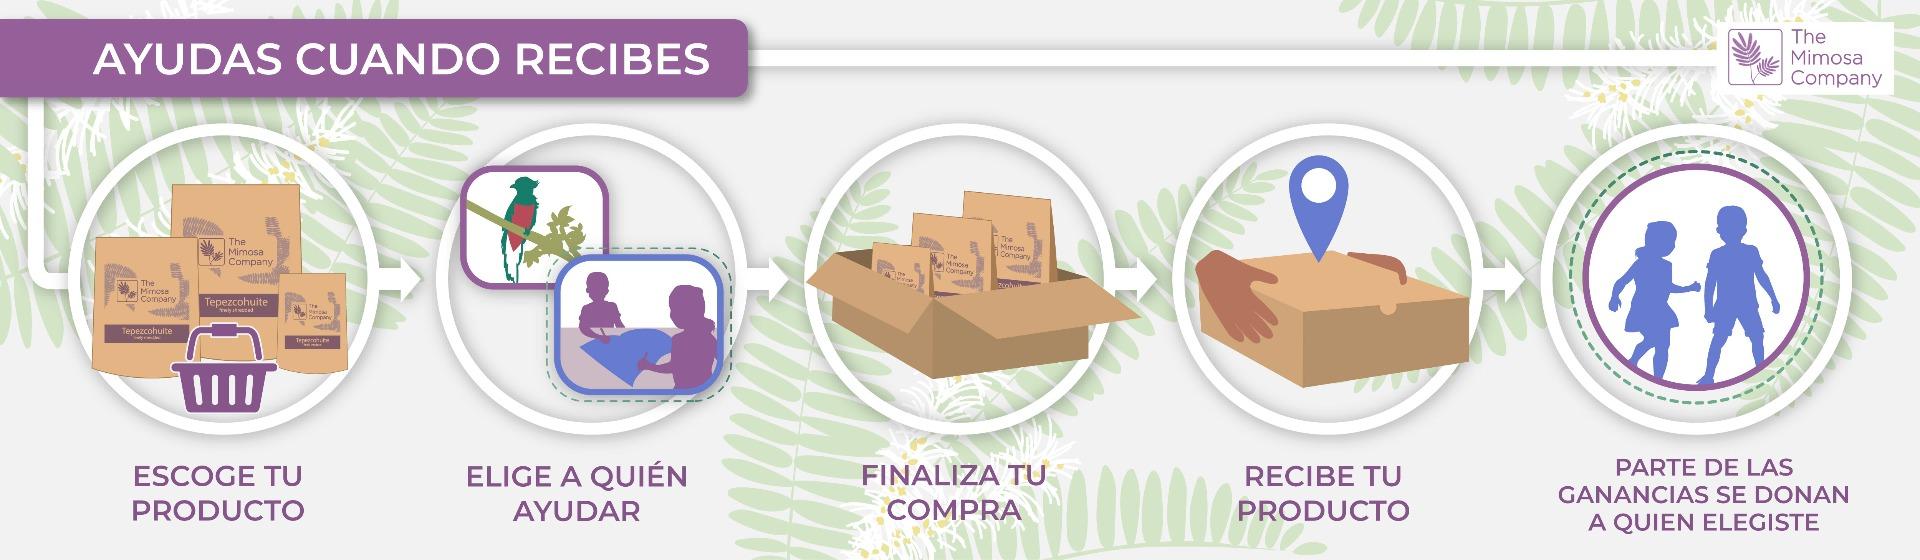 The Mimosa Company